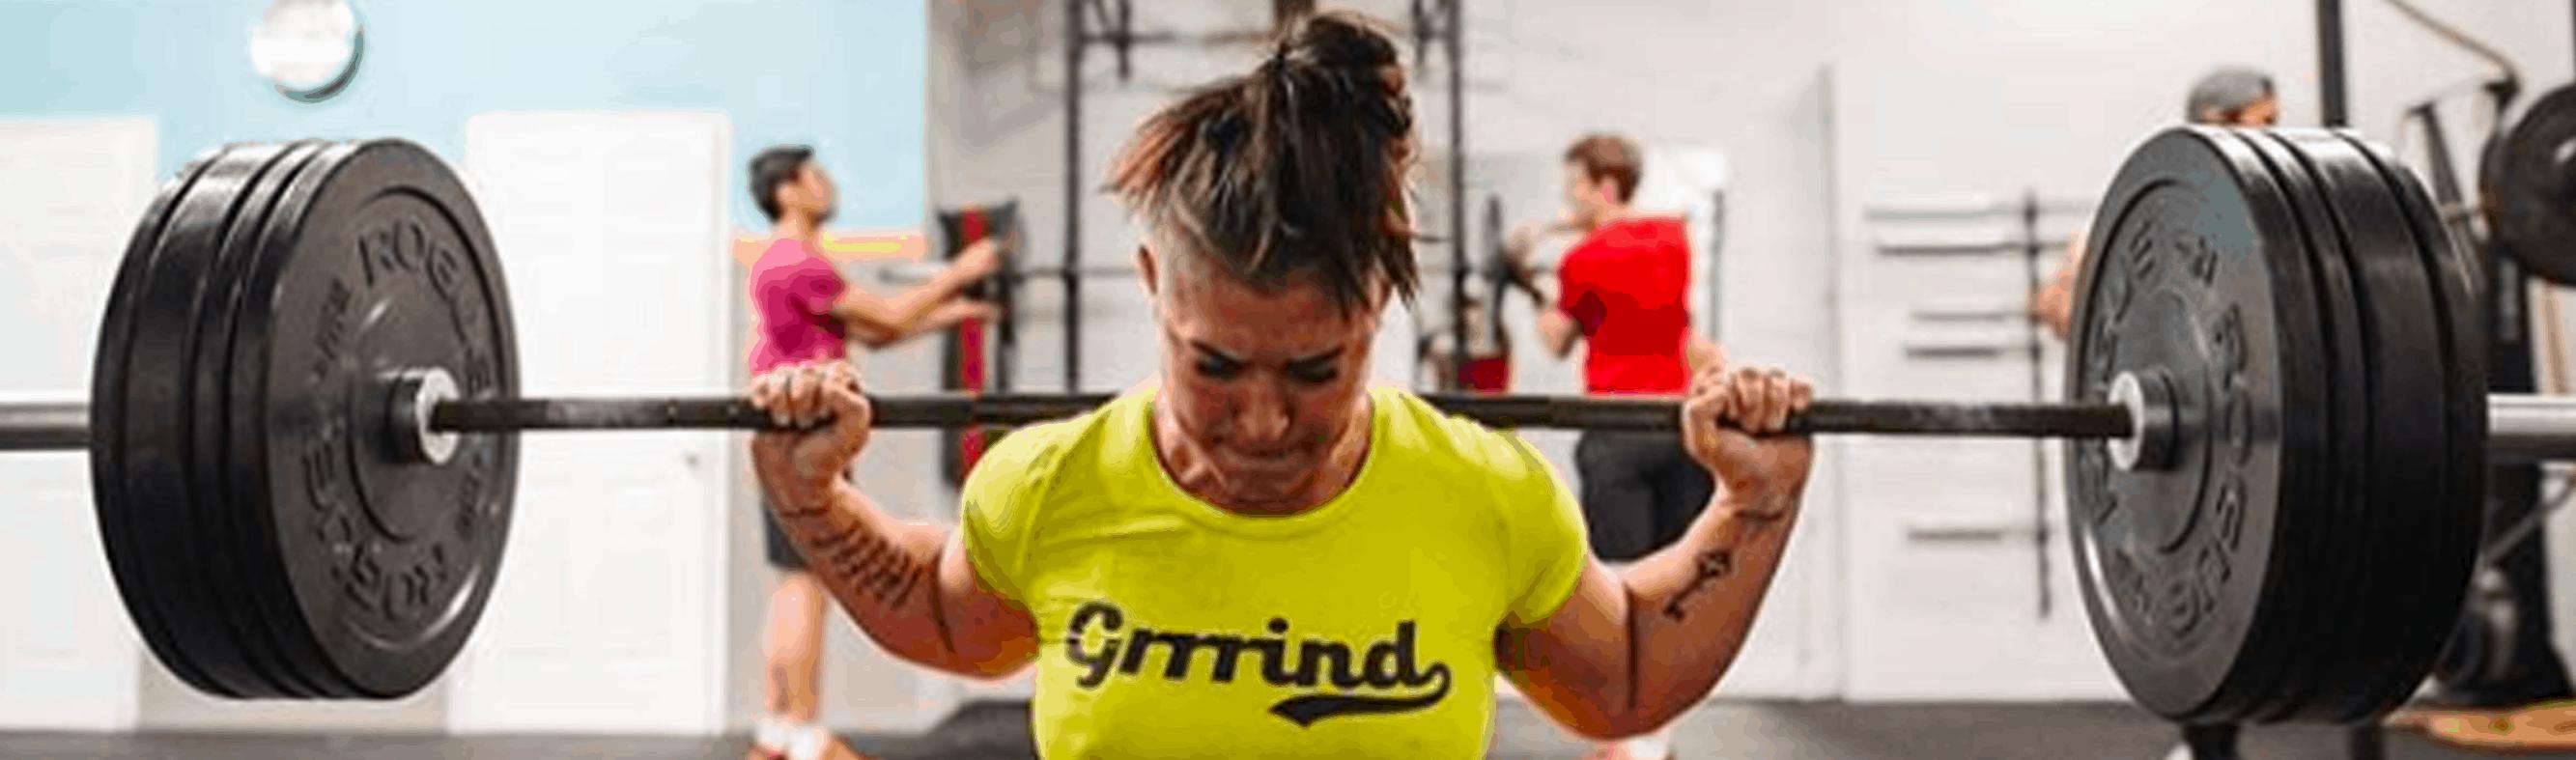 Elite CrossFit Athletes - 8 Must-Have Characteristics